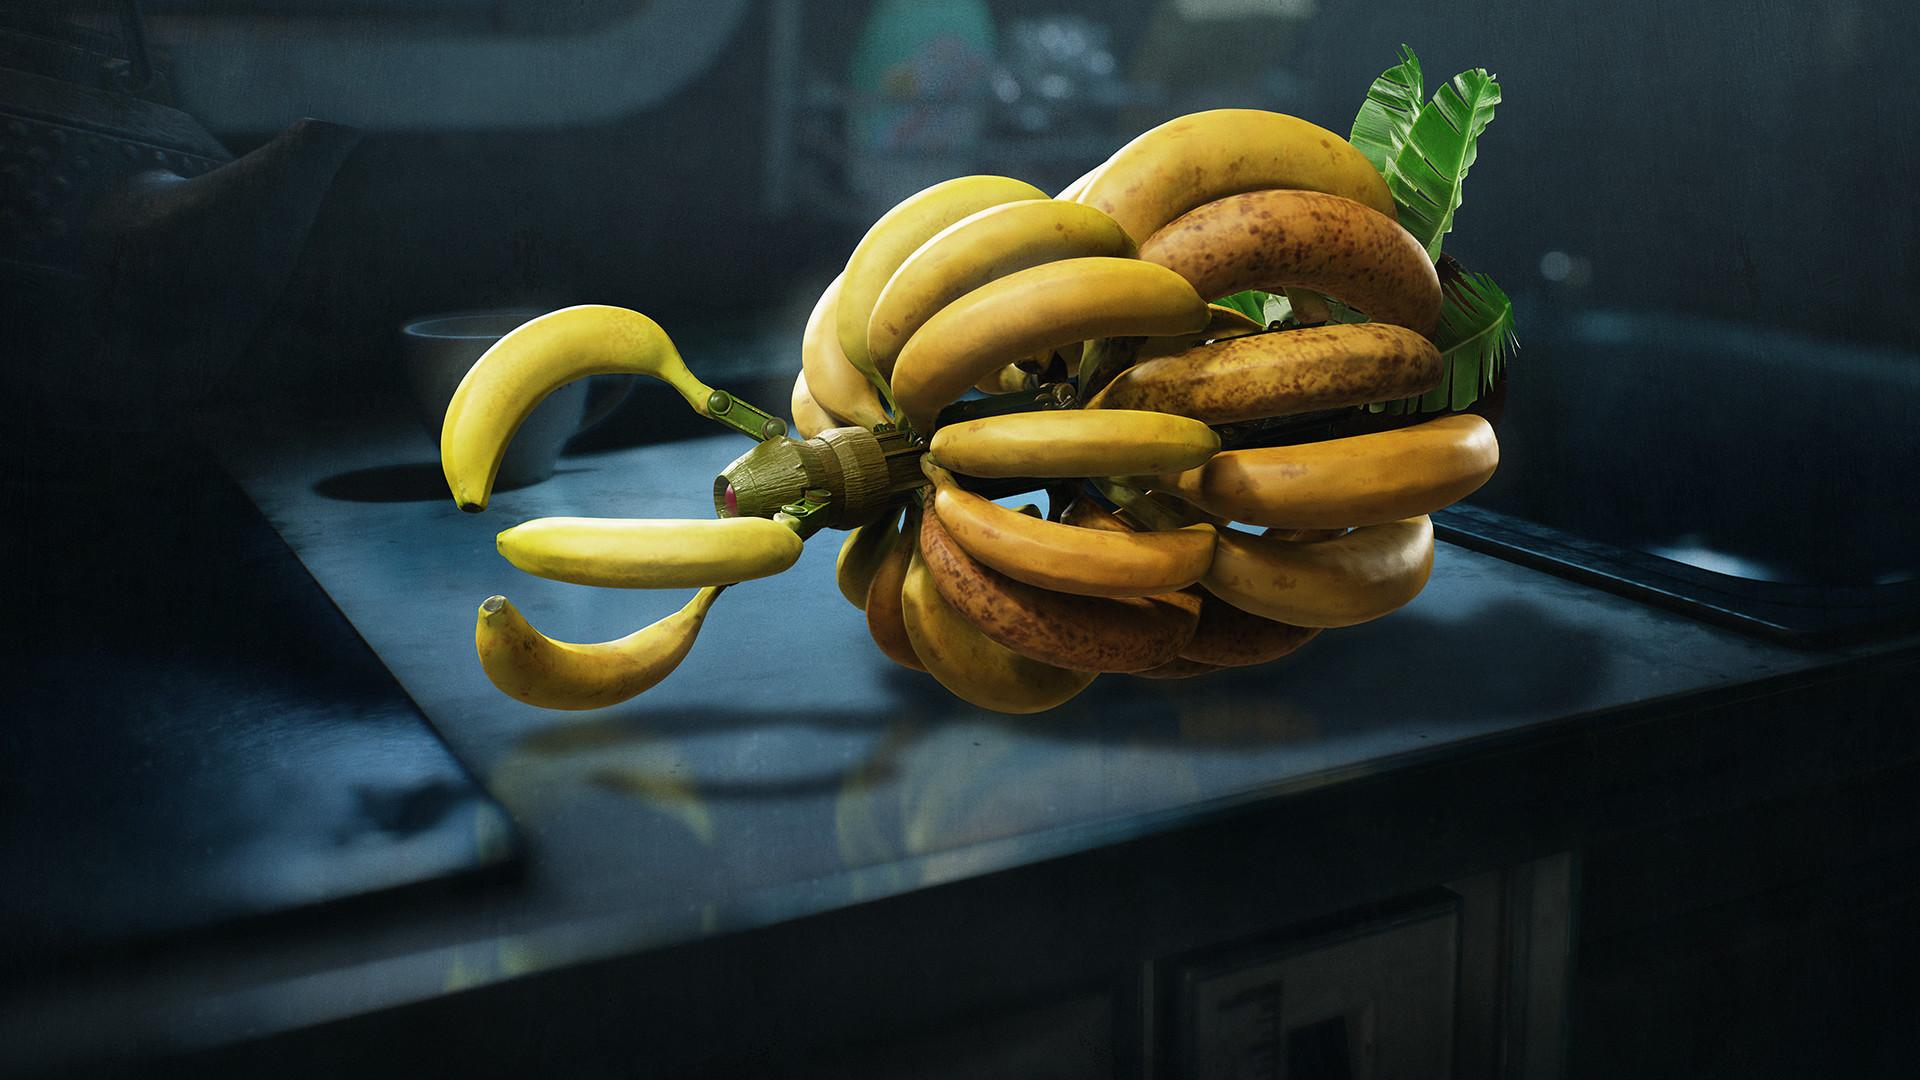 《鬼泣5》多款DLC今日上架 尼禄:吃我大香蕉啦!